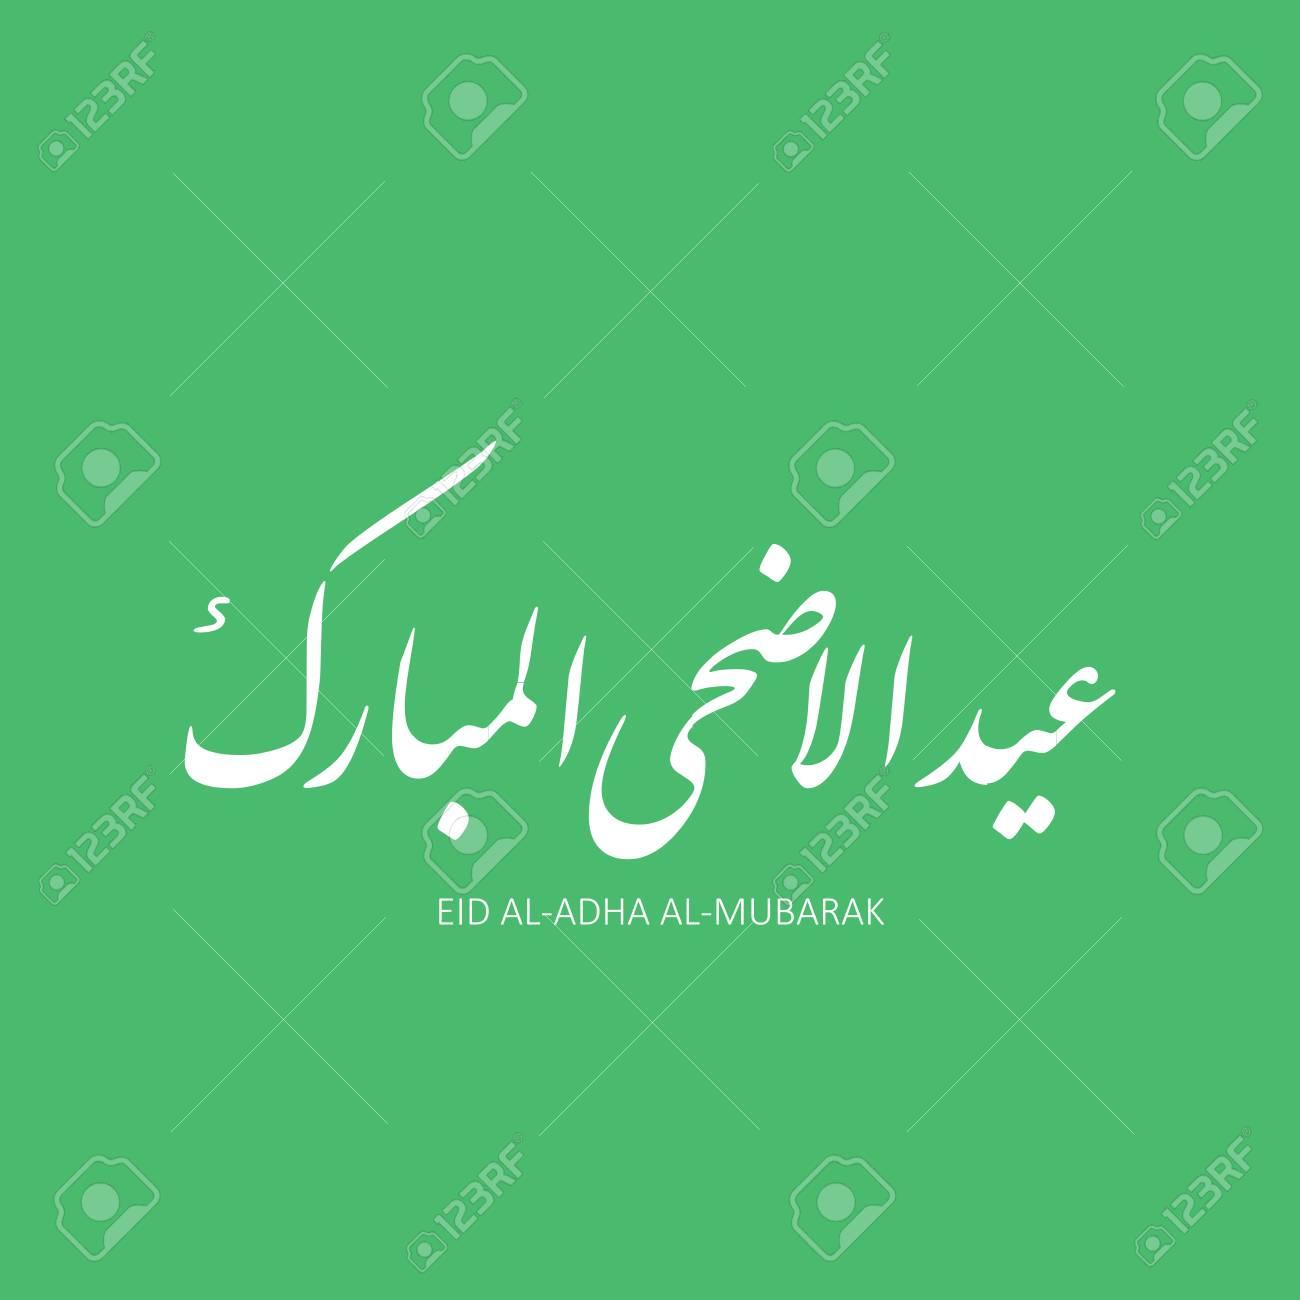 Arabic Calligraphy Of An Eid Greeting Happy Eid Al Adha Eid Al